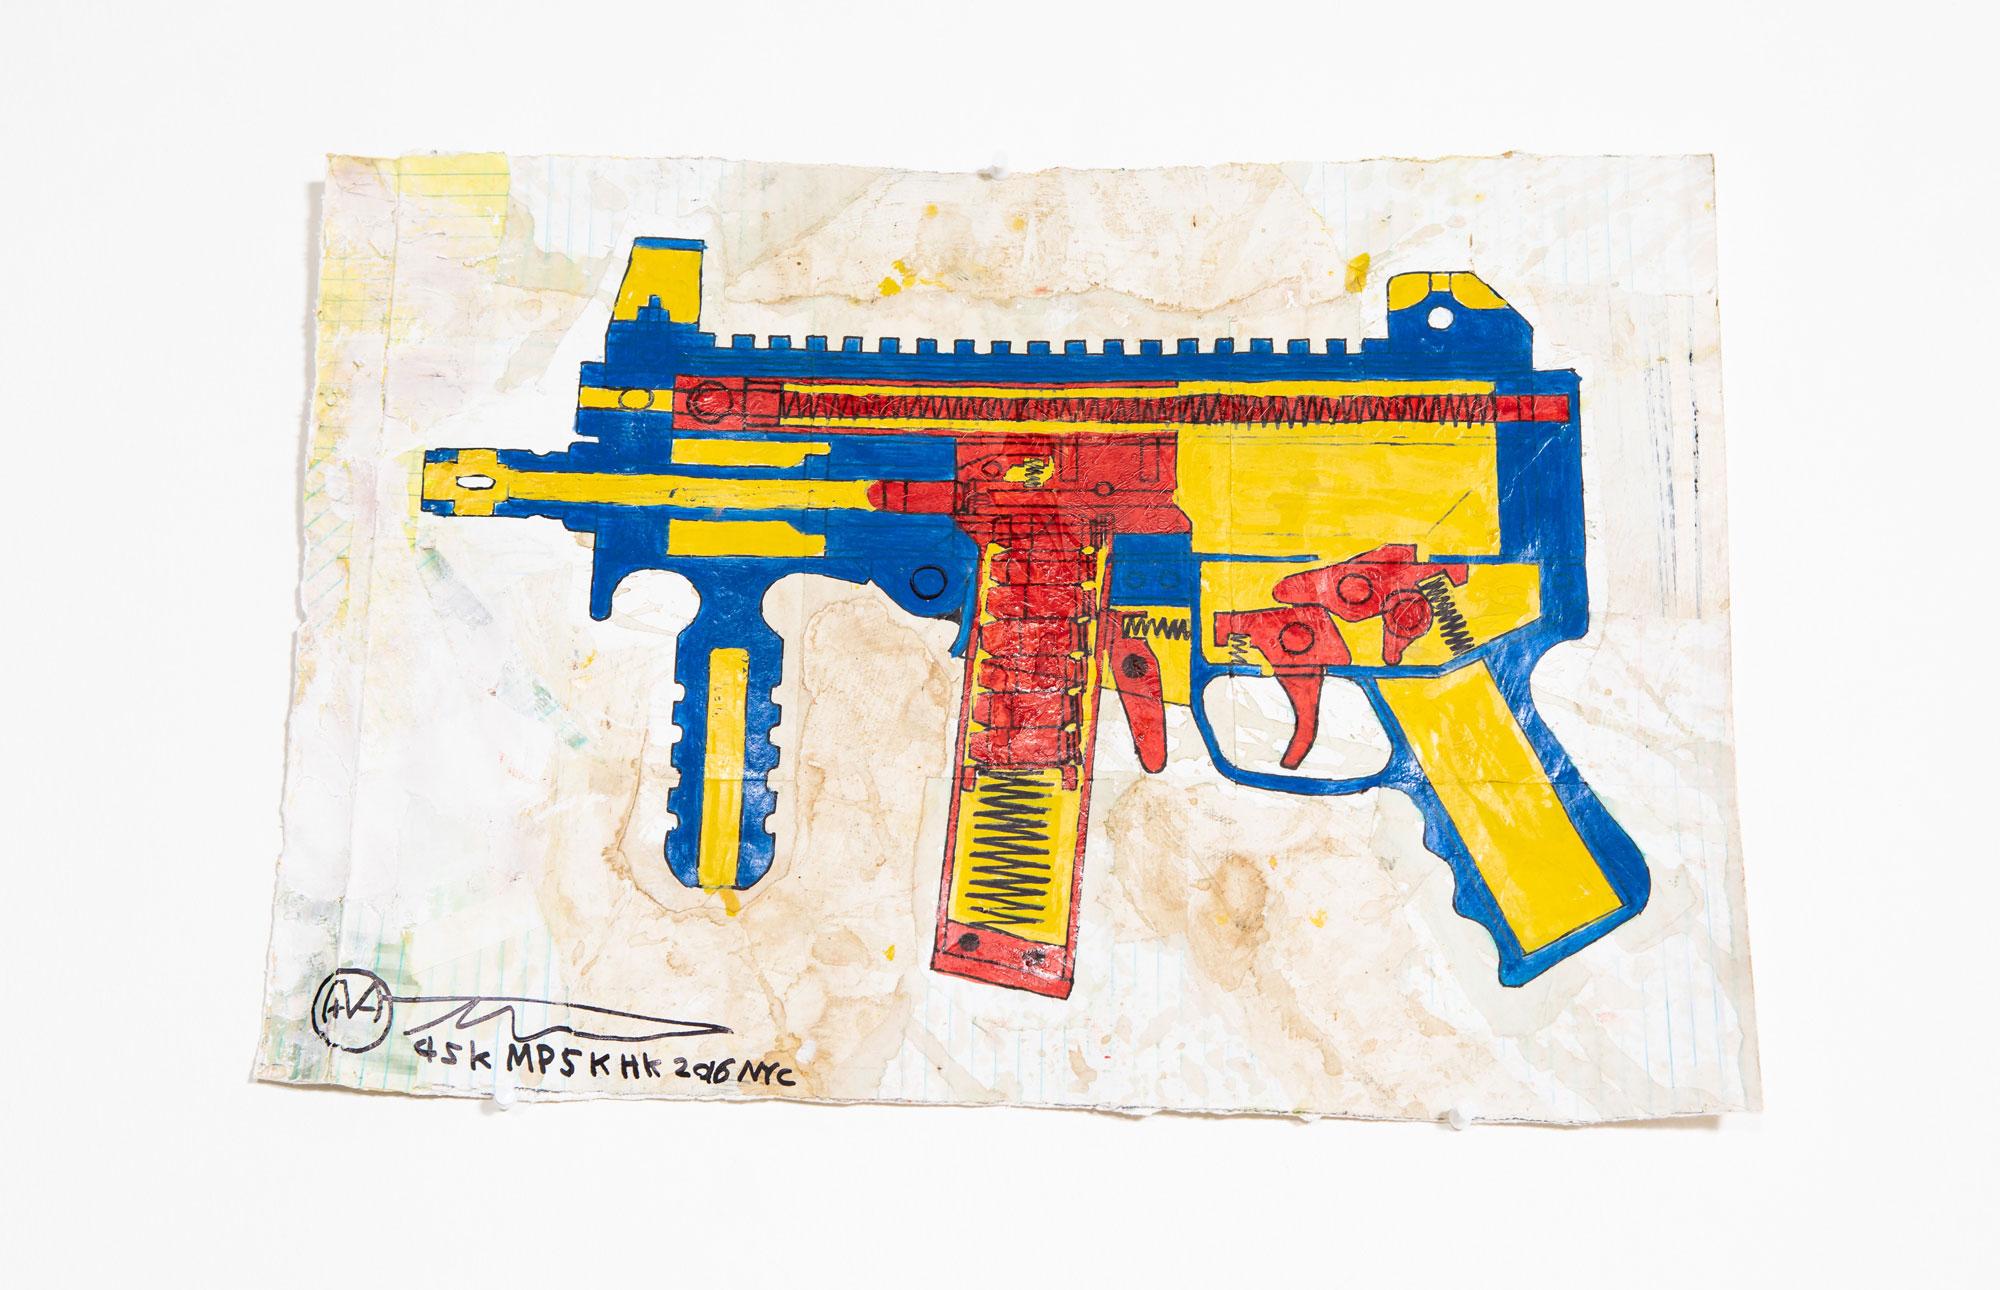 MP5KHK (Heckler & Koch MP5K), 2016   Alfred Martinez   Luz Art Los Angeles, CA